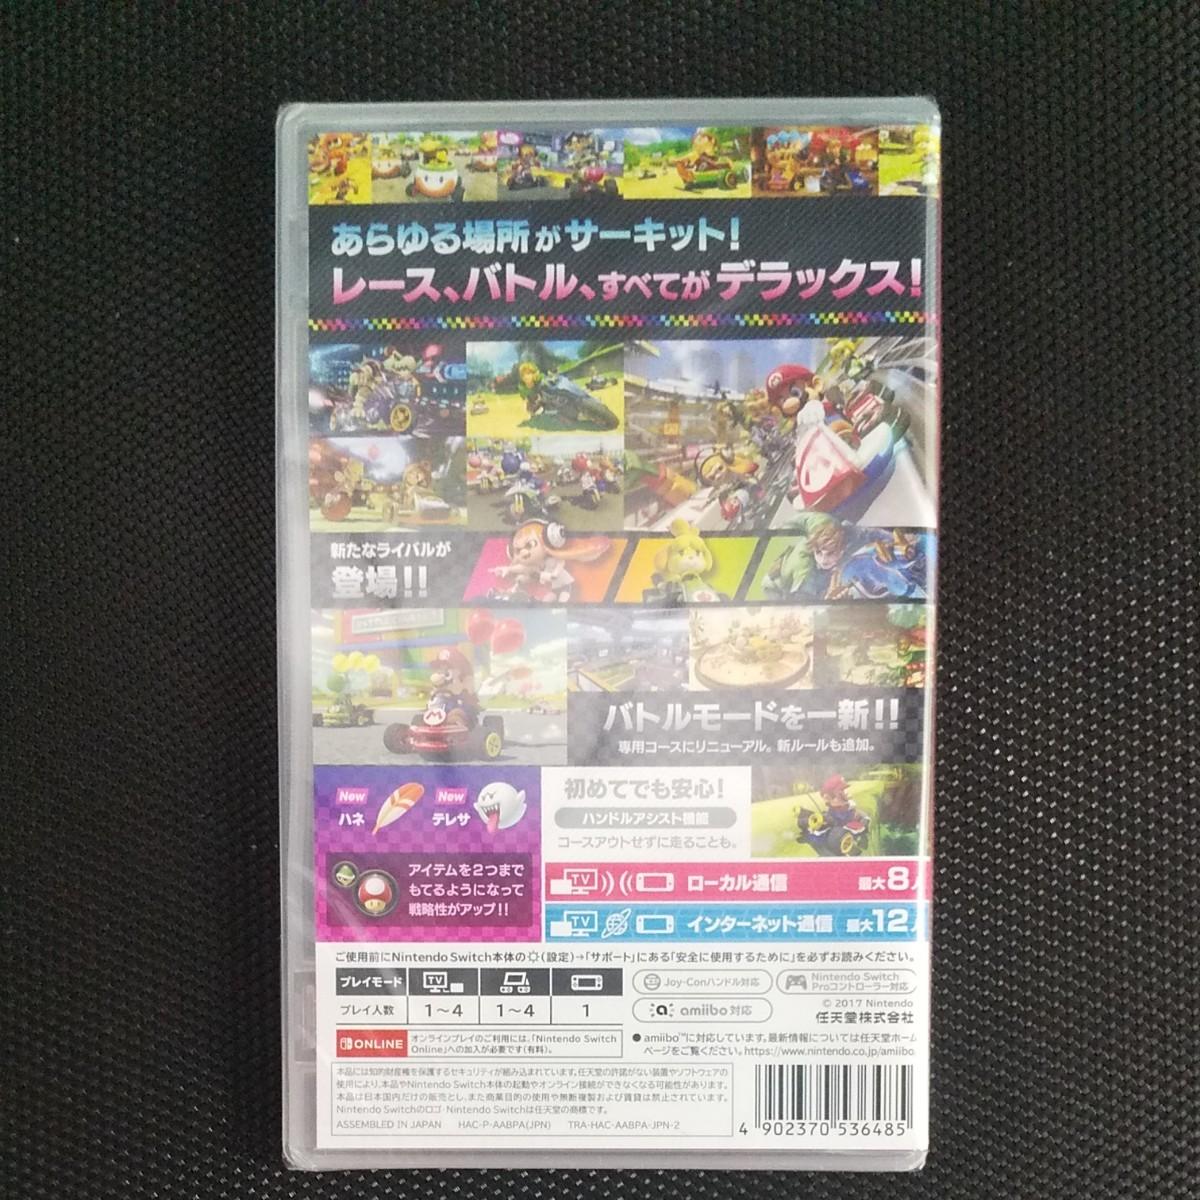 【新品未開封シュリンク付き】任天堂 Nintendo Switch マリオカート8デラックス